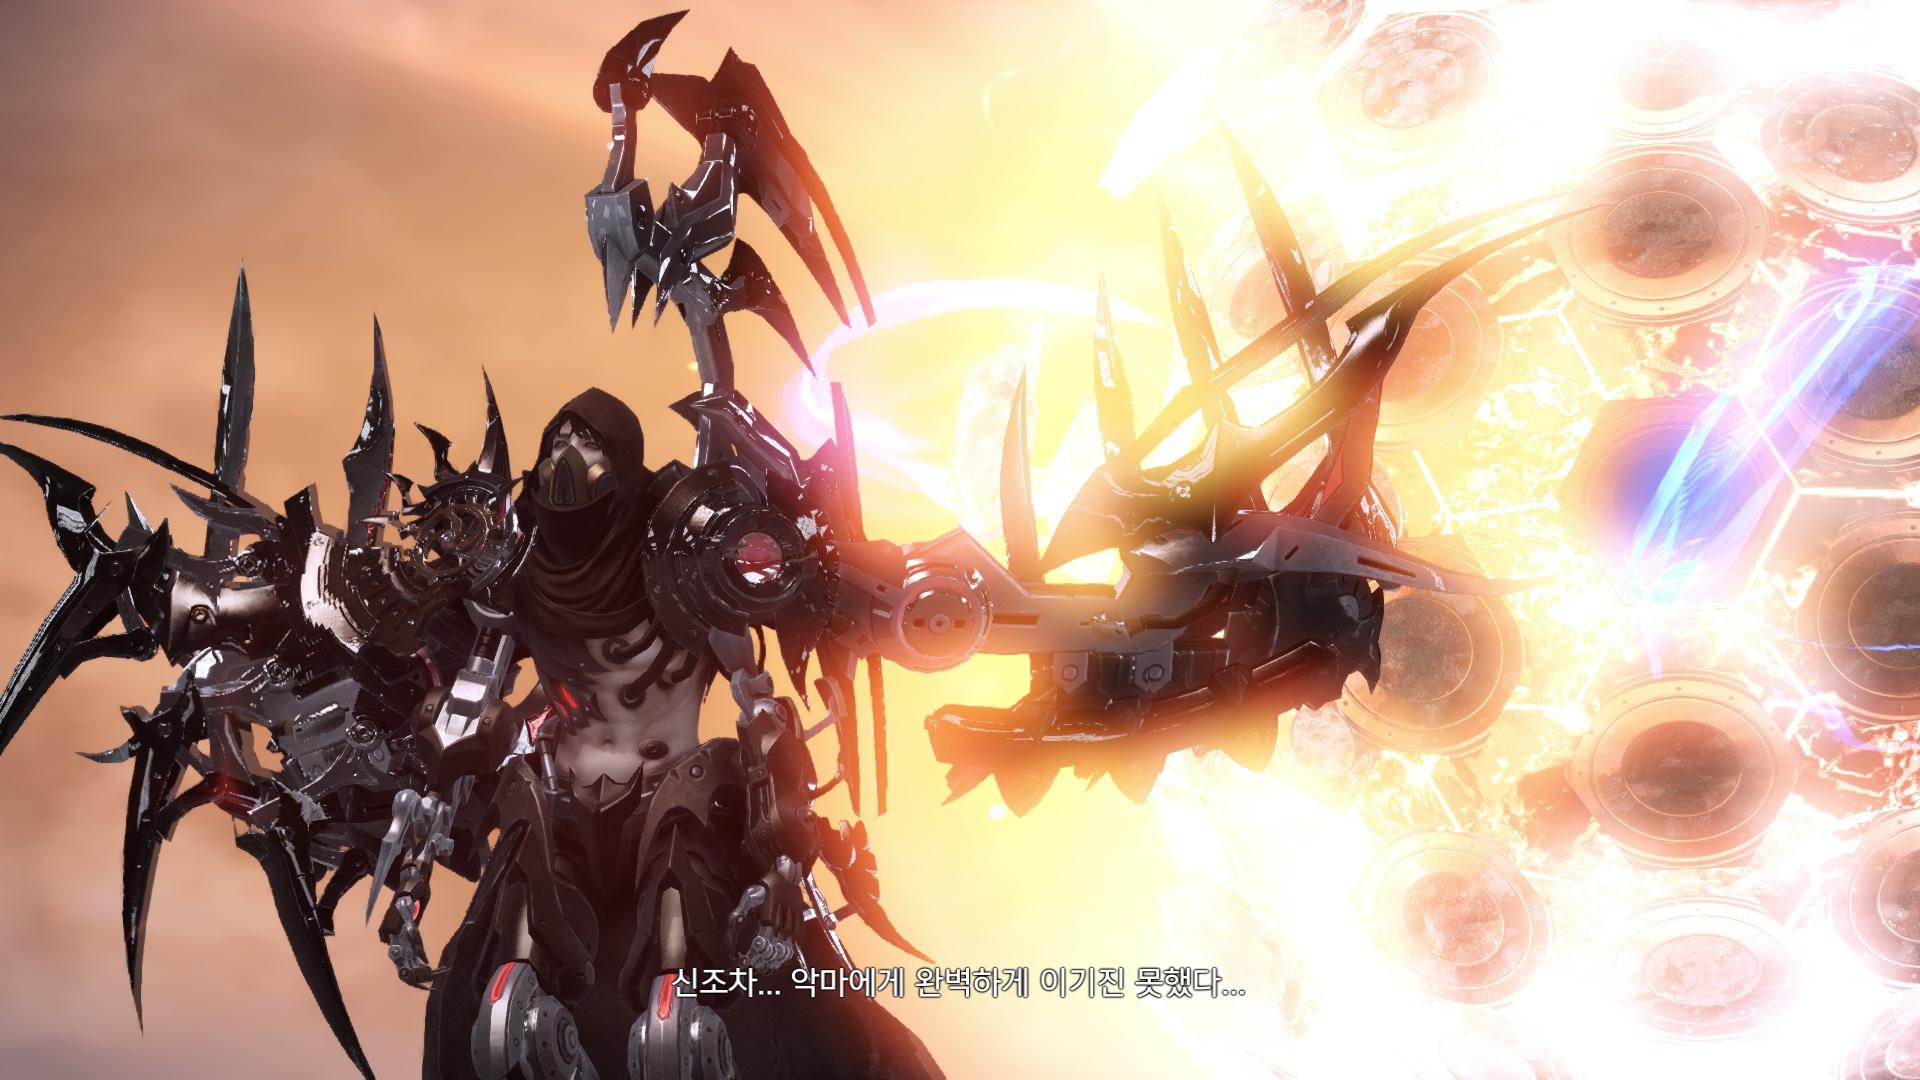 [로스트아크] 진화의 군주, 카인 격퇴! 슈테른 ..